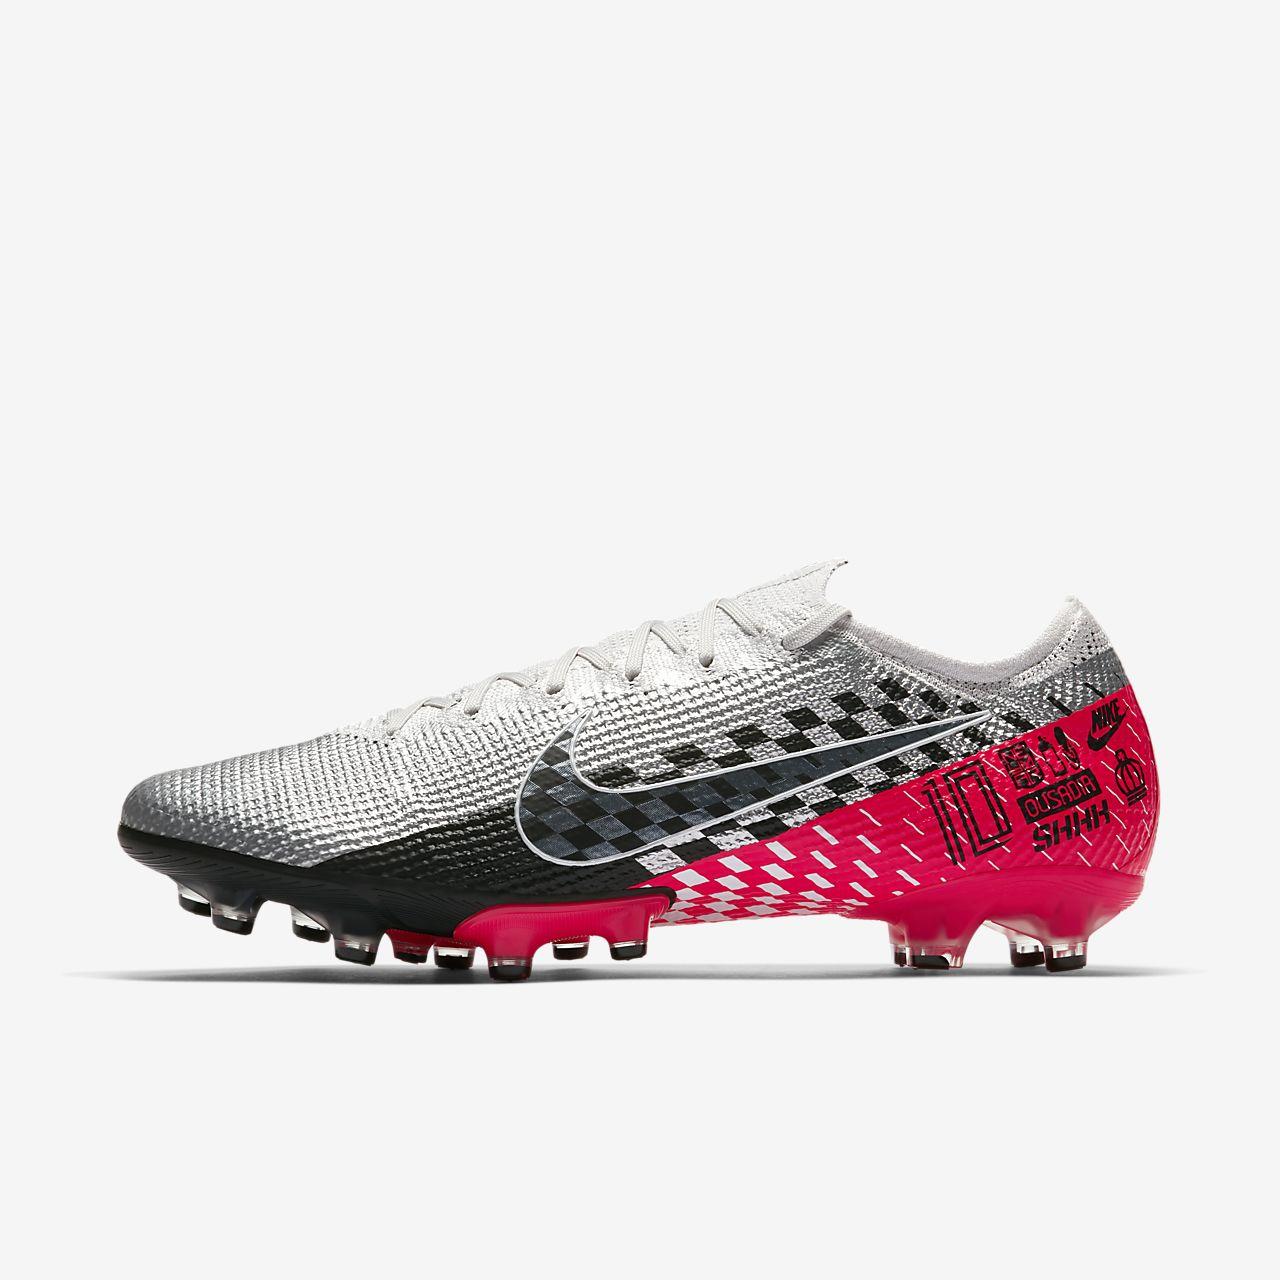 Chuteiras de futebol para relva artificial Nike Mercurial Vapor 13 Elite Neymar Jr. AG-PRO